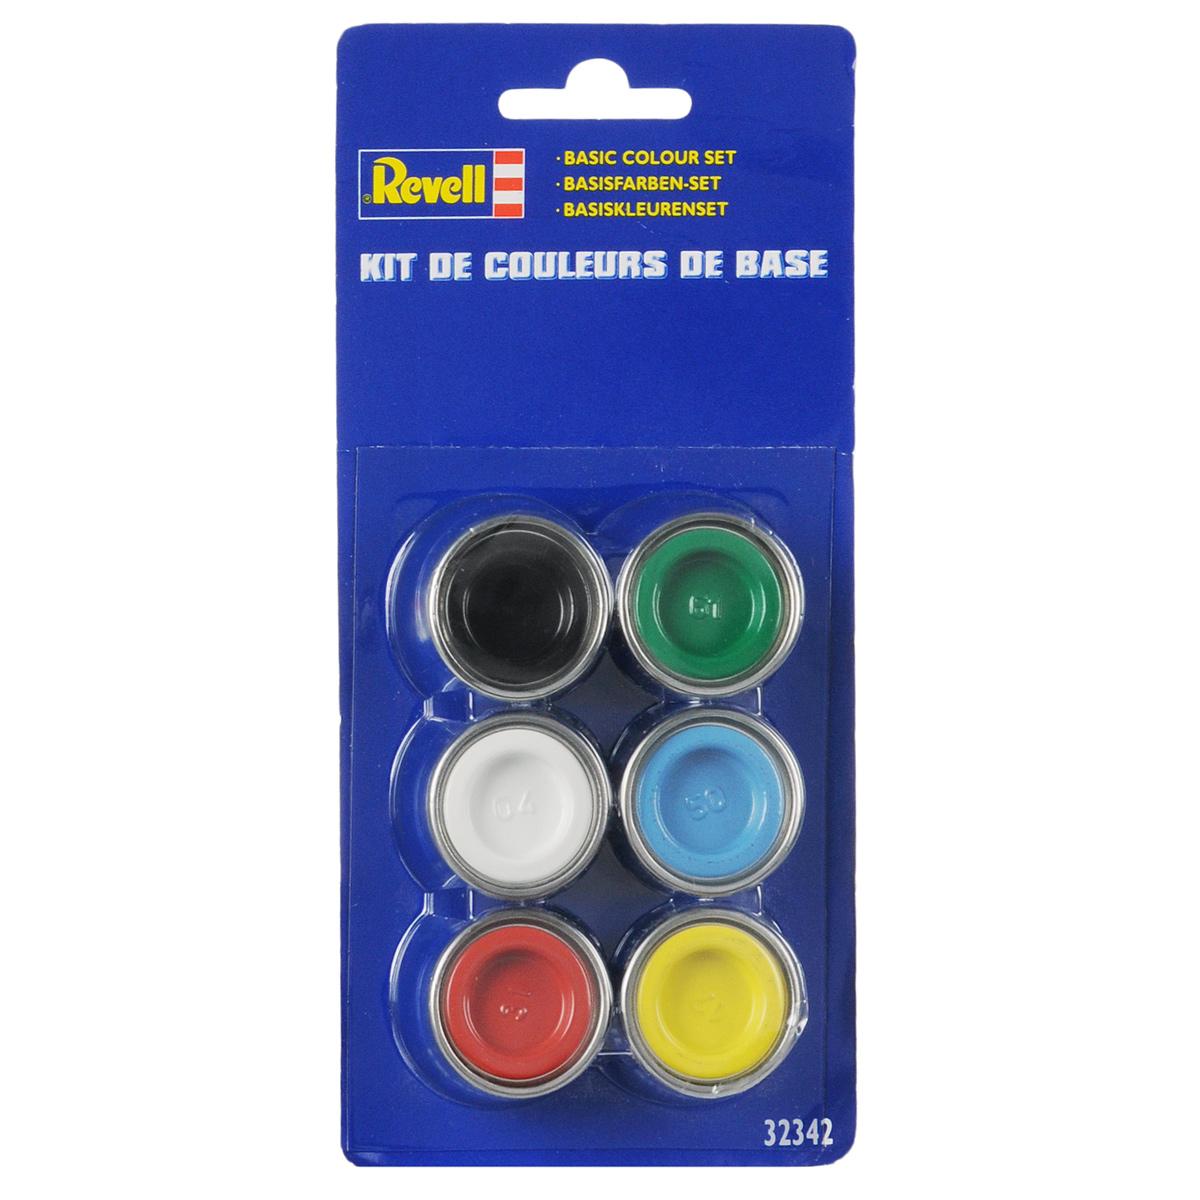 Revell Набор красок для моделей глянцевых32342Краски для моделей Revell - это высококачестный материал для покраски ваших моделей. В базовый набор входит 6 мини-баночек с краской, каждая из которых имеет объем в 14 мл. Номера красок: 04, 7, 12, 31, 50, 61.